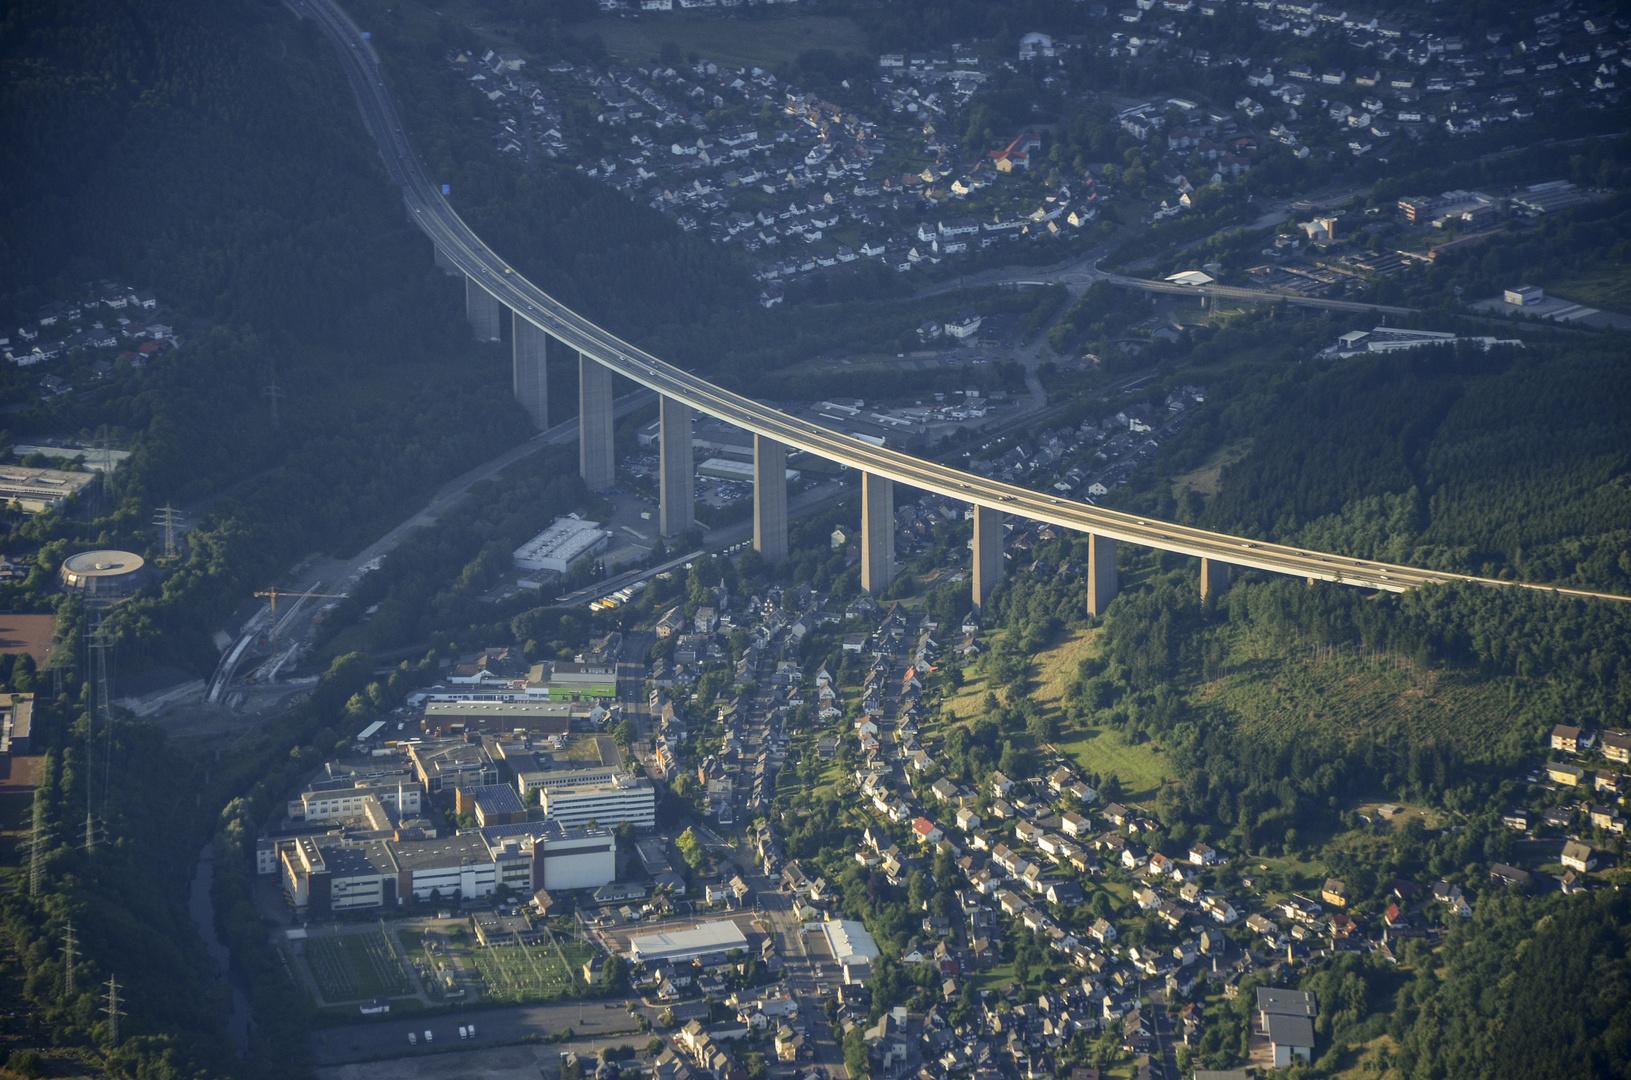 Blick aus einem Fesselballon auf Siegen-Eiserfeld und die Autobahnbrücke